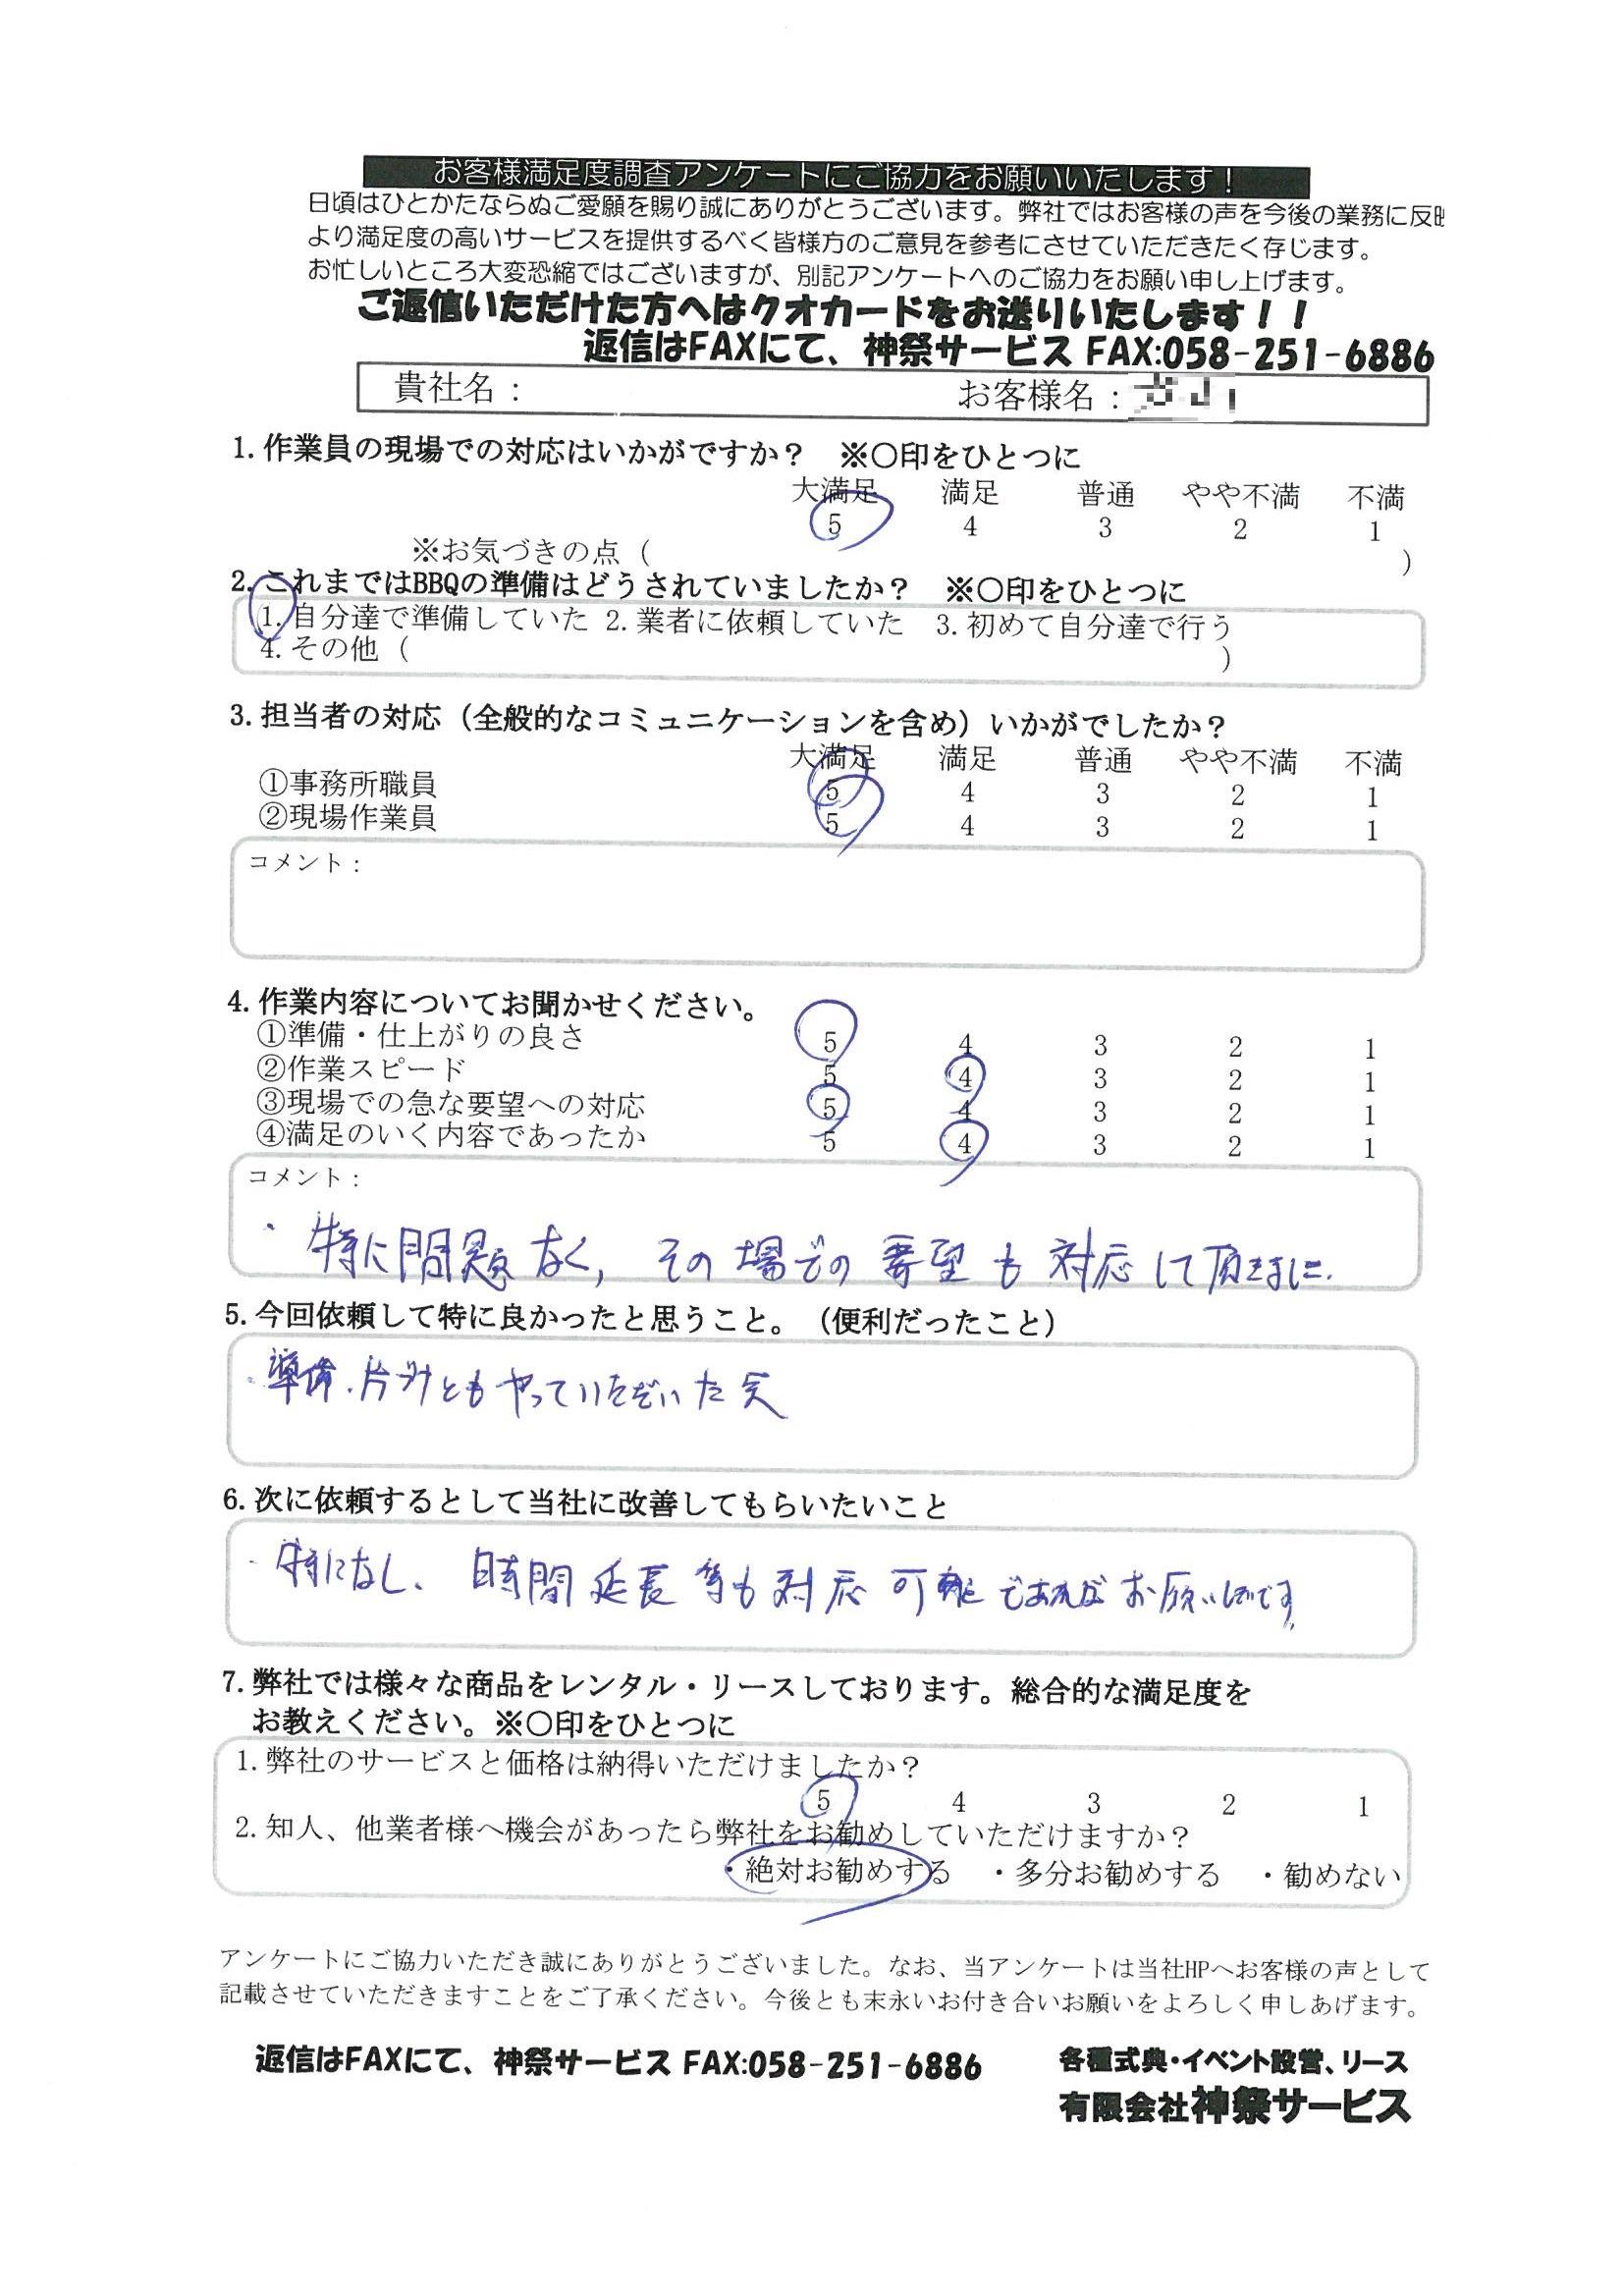 2015.7.21りんくう宮村様